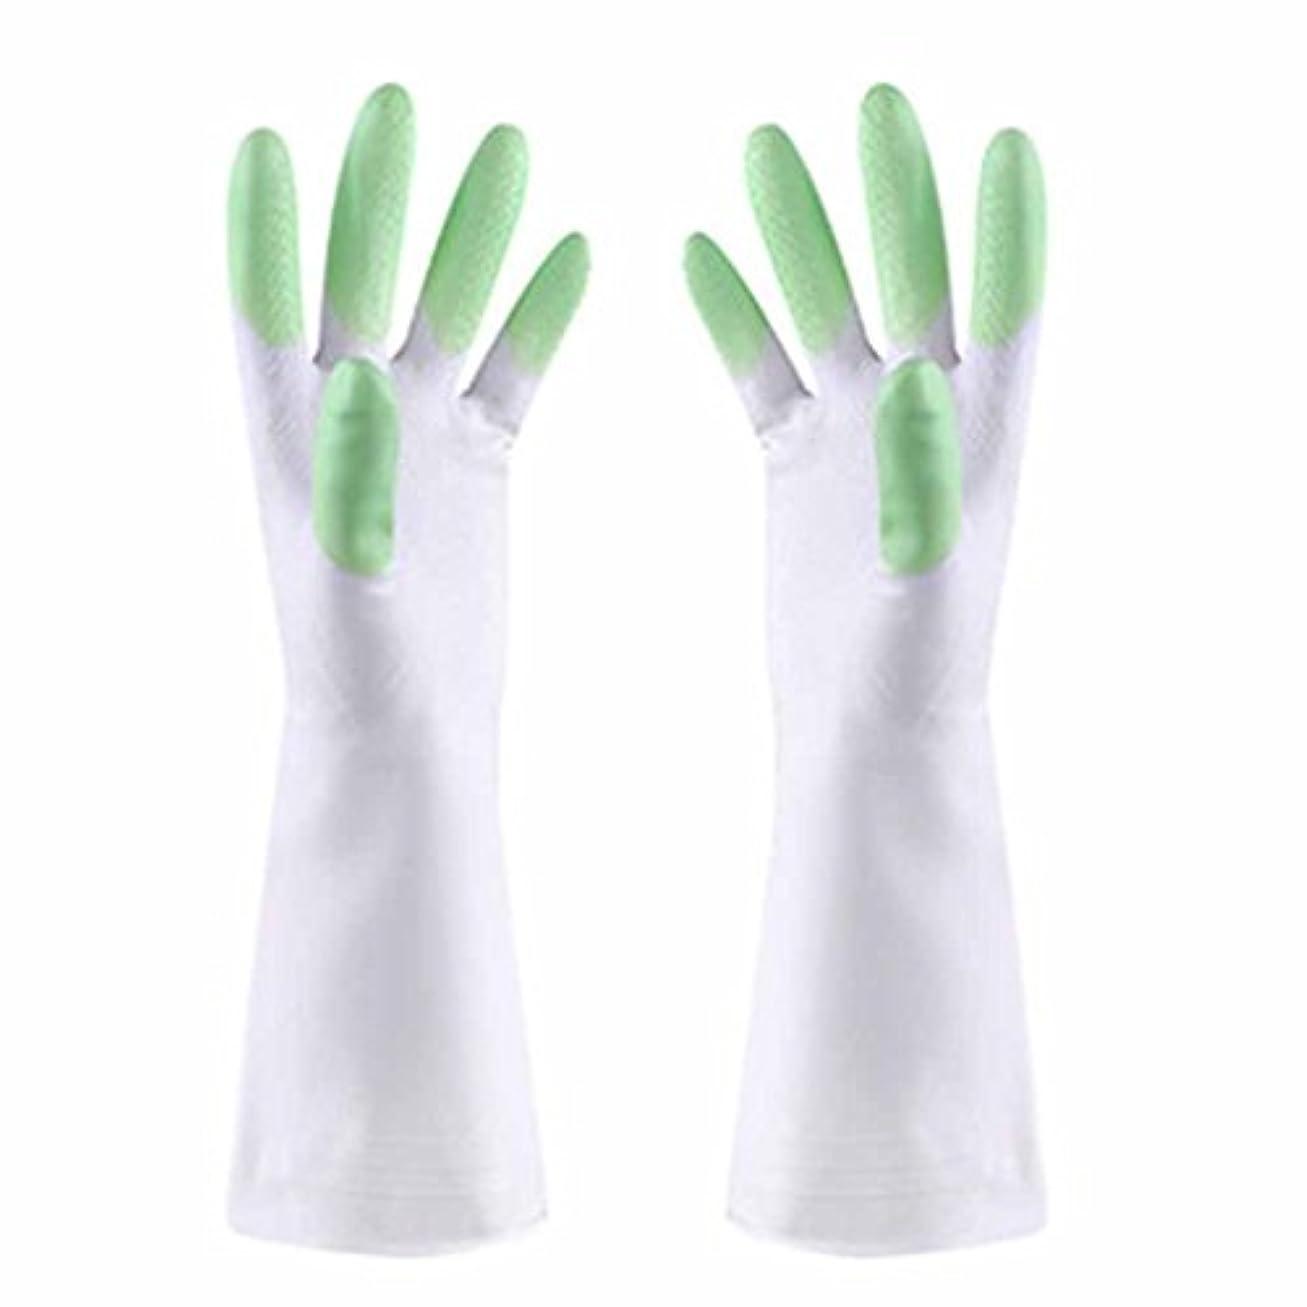 公平件名蒸発する使い捨て手袋 防水性と耐油性の薄い手袋PVCスマートで耐久性の高いキッチン多機能手袋 (Color : Green)